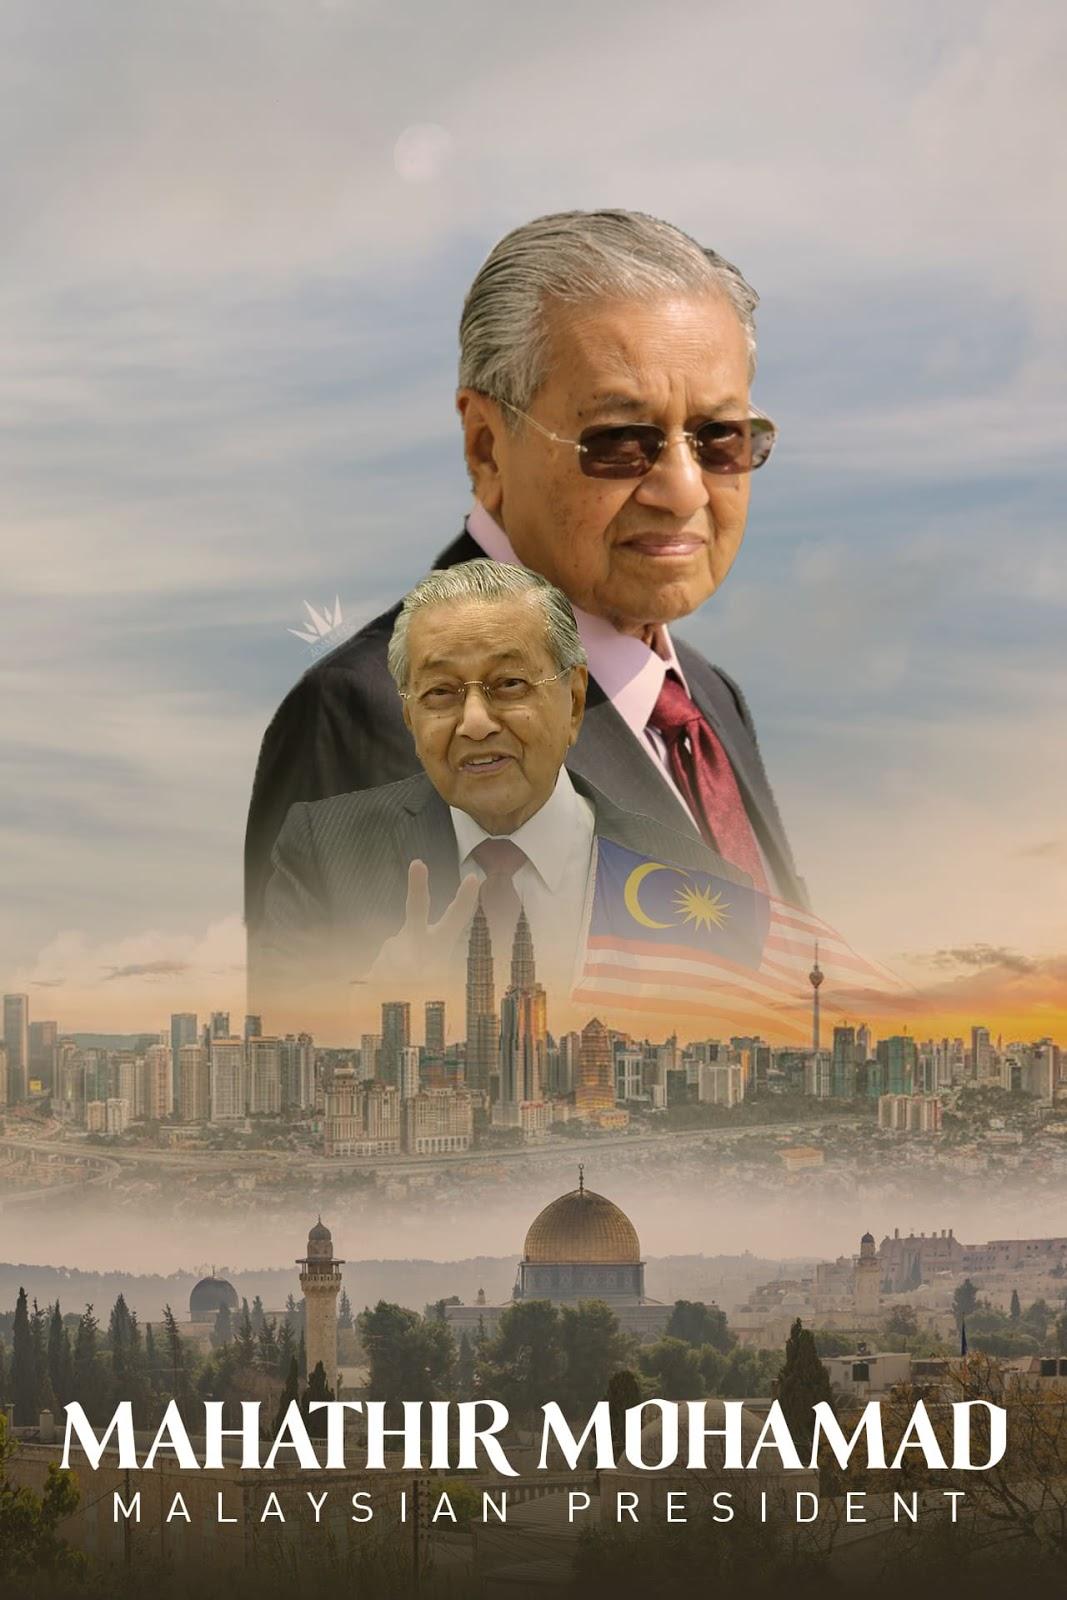 الرئيس الماليزي مهاتير محمد